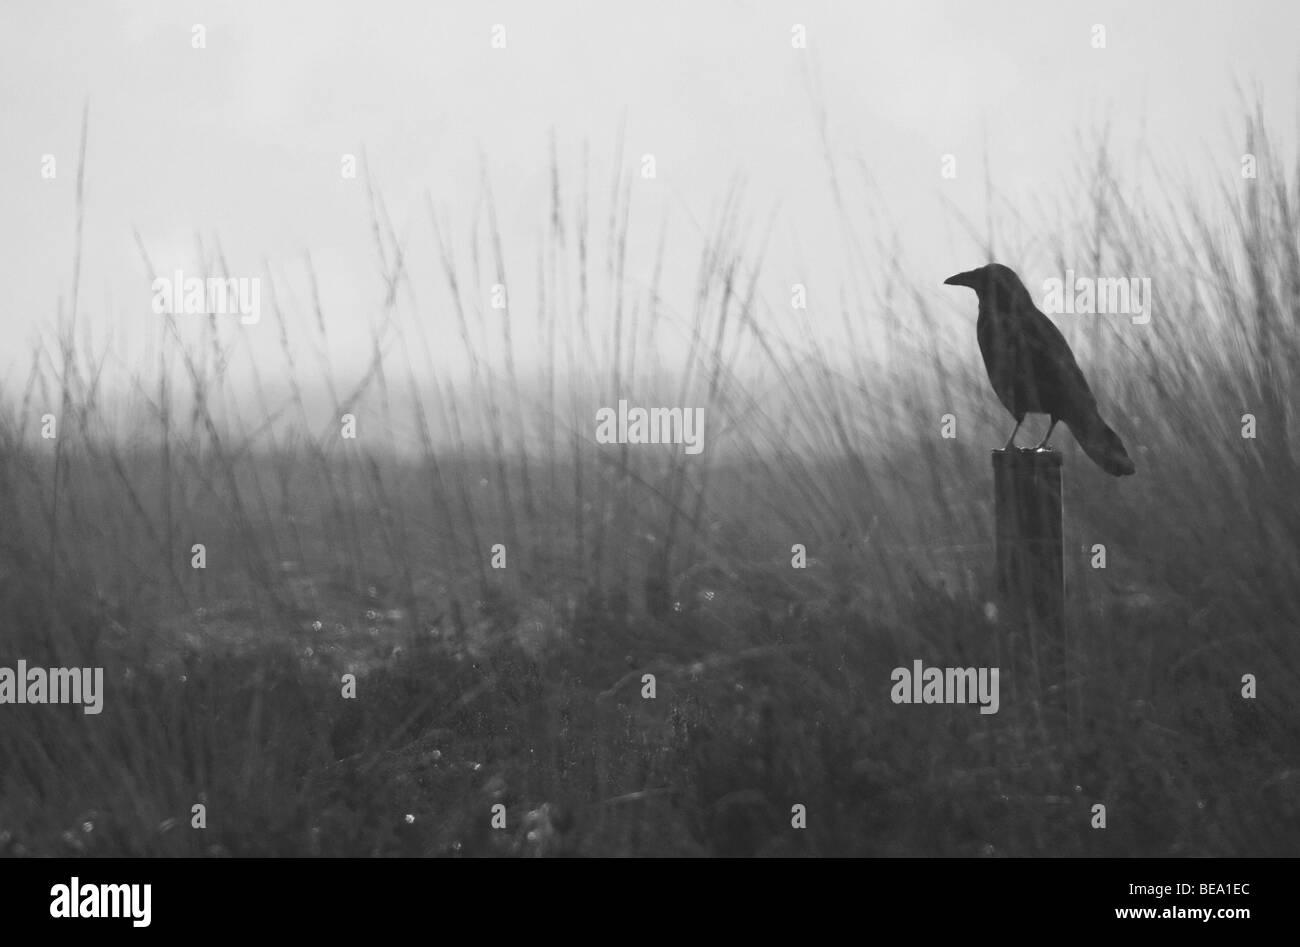 Raaf in tegenlicht kijkt uit over een heideveld; Raven - Stock Image